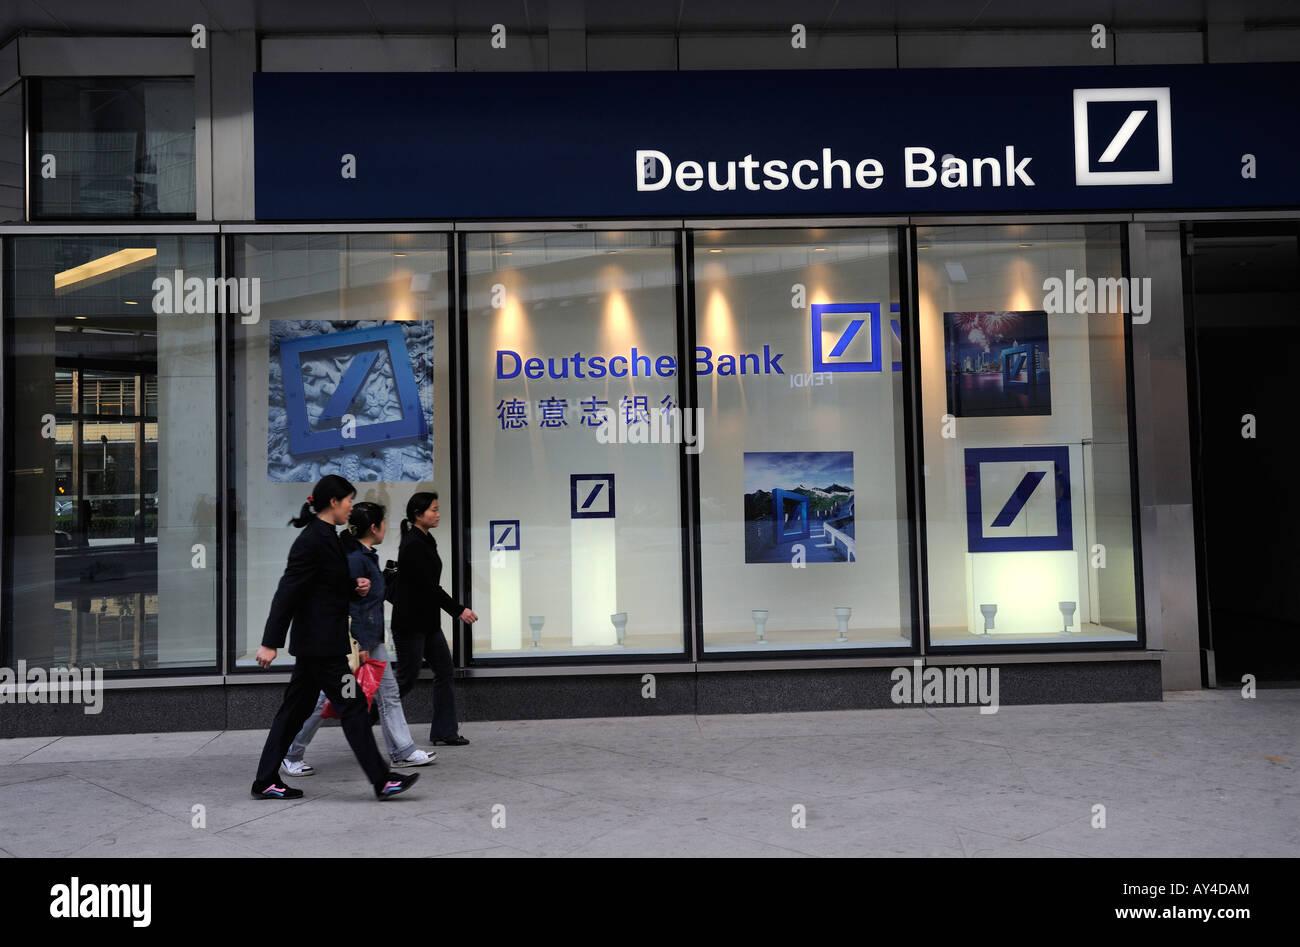 A new branch of Deutsche Bank in Beijing CBD. 03-Mar-2008 - Stock Image